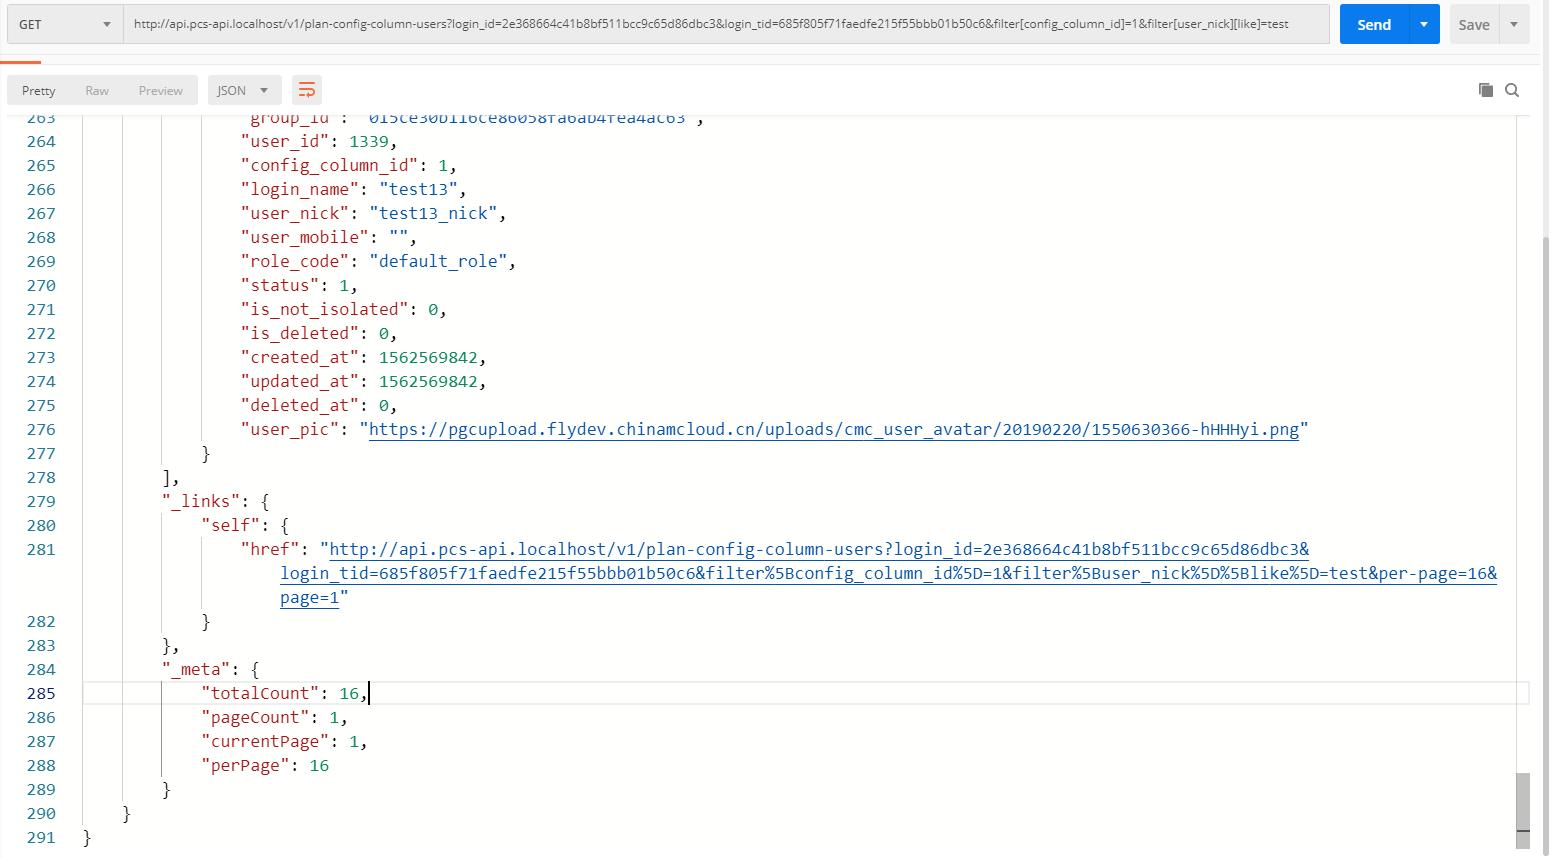 在 Postman 中,打开网址:http://api.pcs-api.localhost/v1/plan-config-column-users?login_id=2e368664c41b8bf511bcc9c65d86dbc3&login_tid=685f805f71faedfe215f55bbb01b50c6&filter[config_column_id]=1&filter[user_nick][like]=test ,基于用户昵称模糊搜索获取到:$redisCmcConsoleUserLikeUserNicks,再获取其数组键,作为新的搜索条件,最终生成的 SQL 如下:符合预期